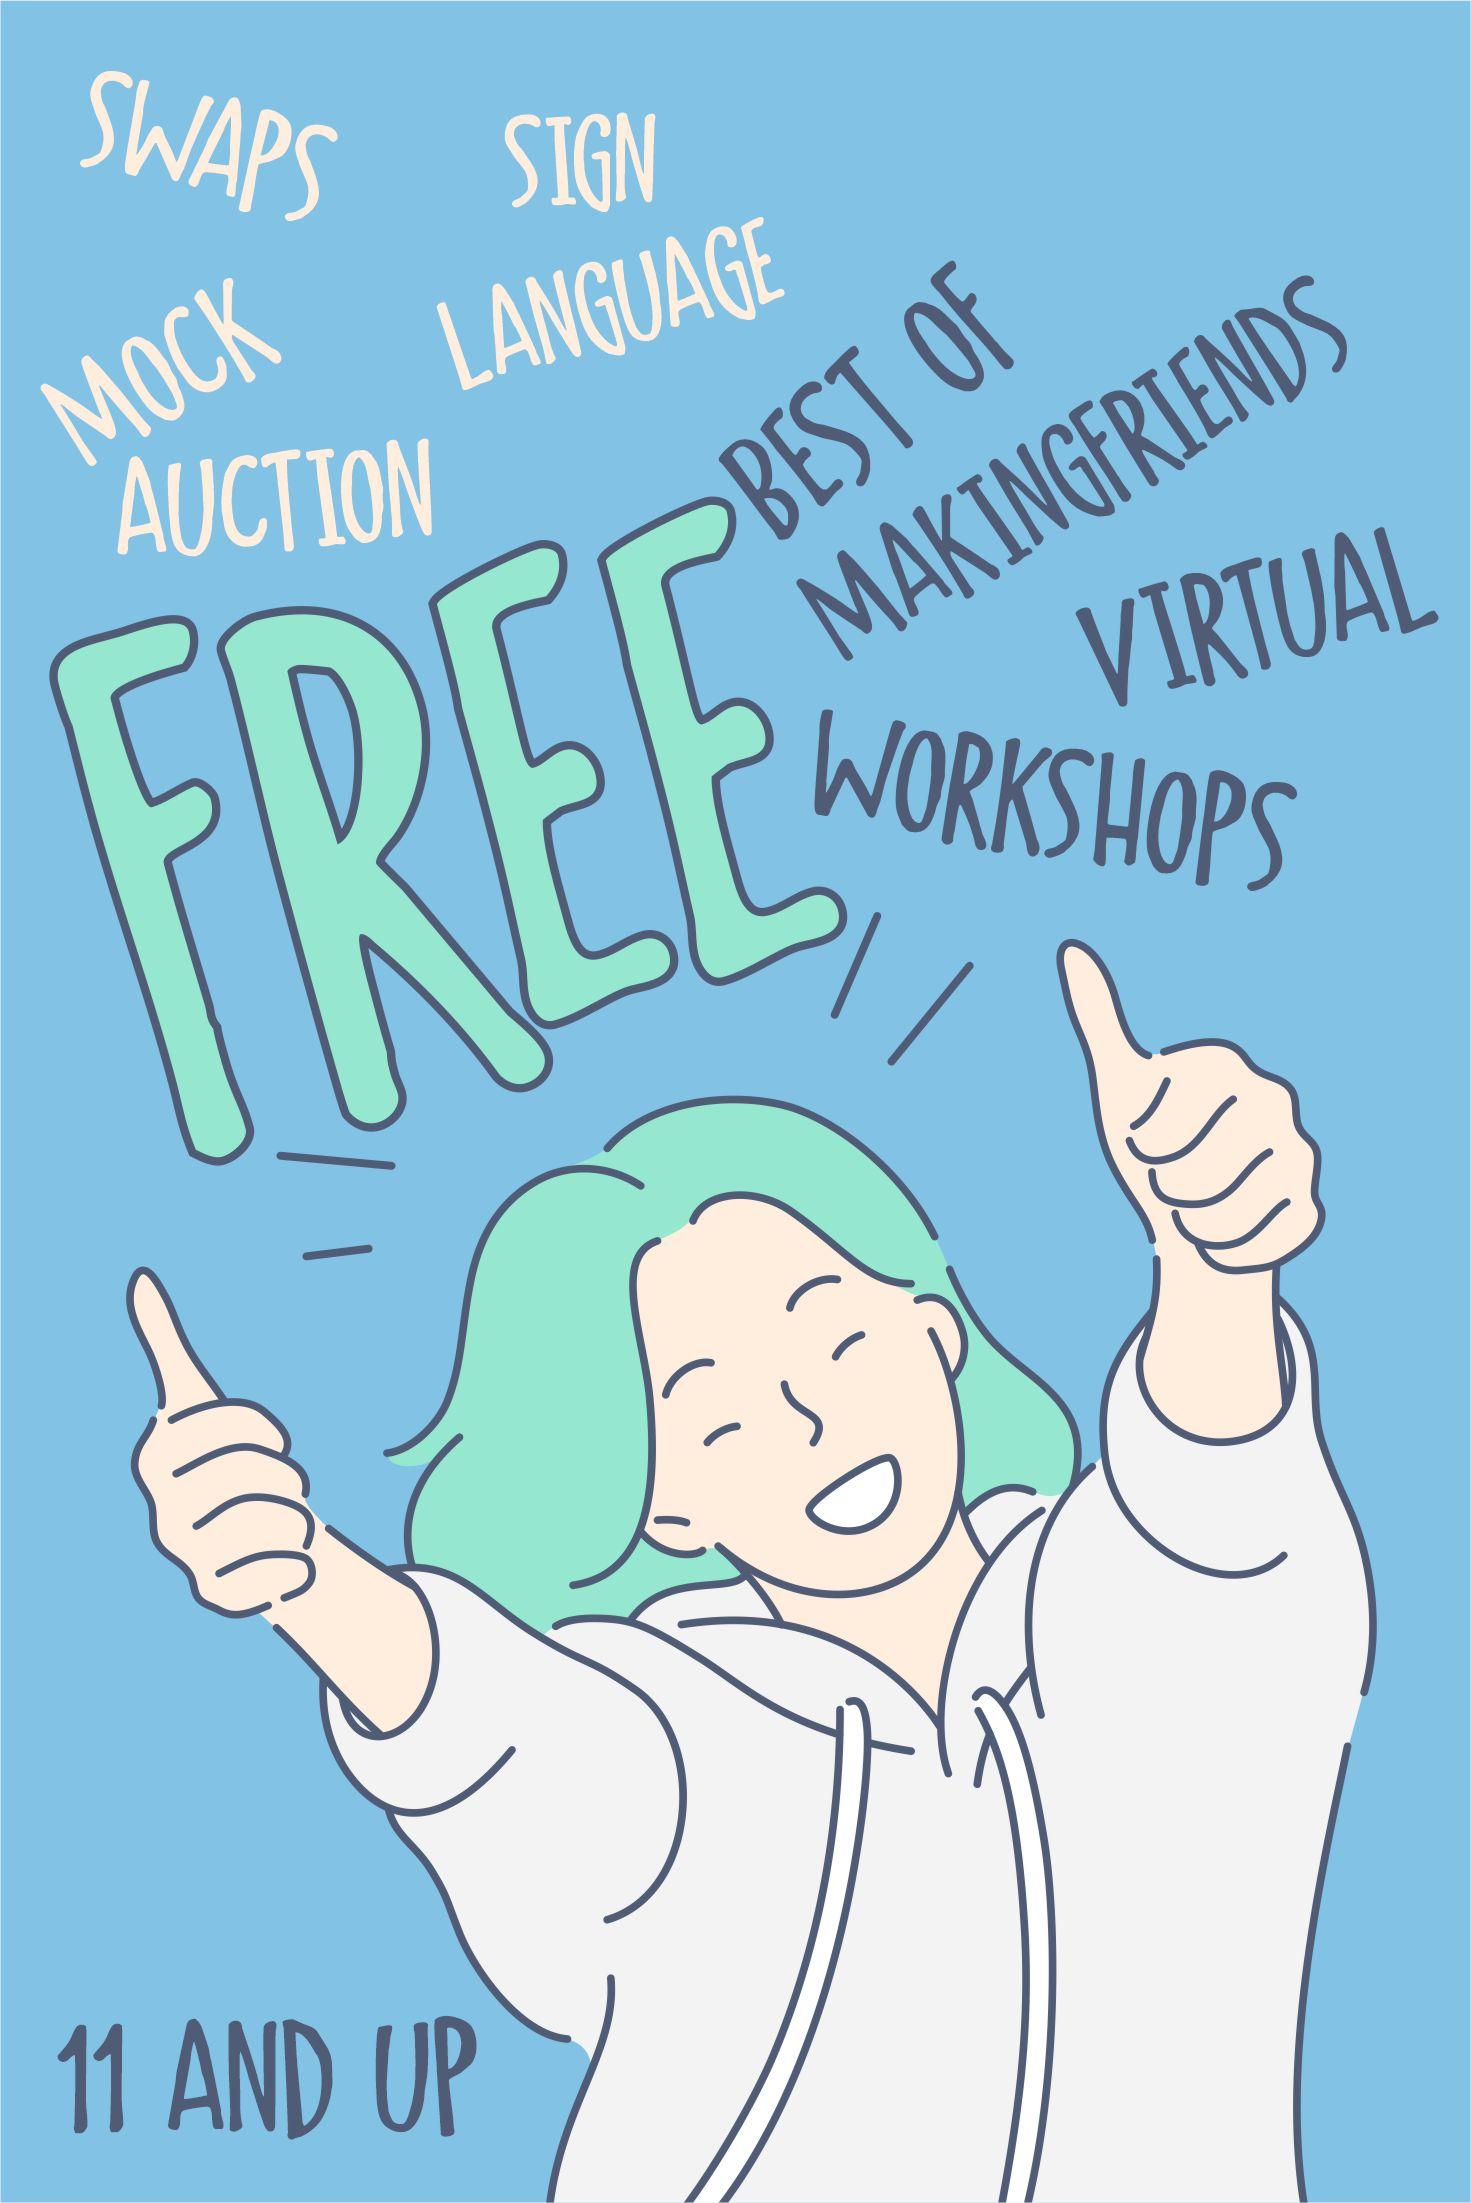 Girl Scout Best of Making Friends Virtual Workshop via @gsleader411